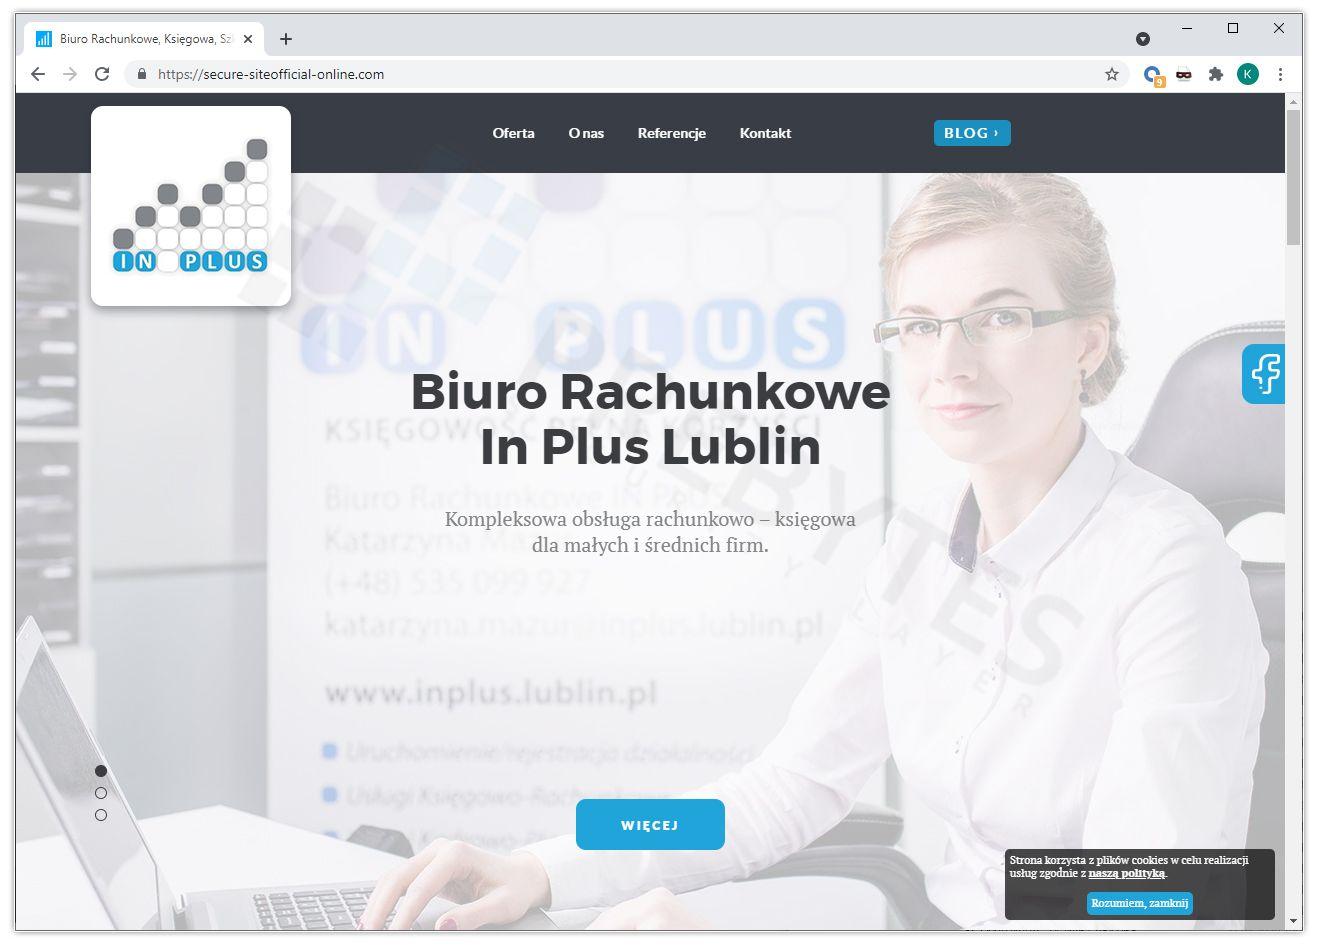 biuro_rachunkowe-1